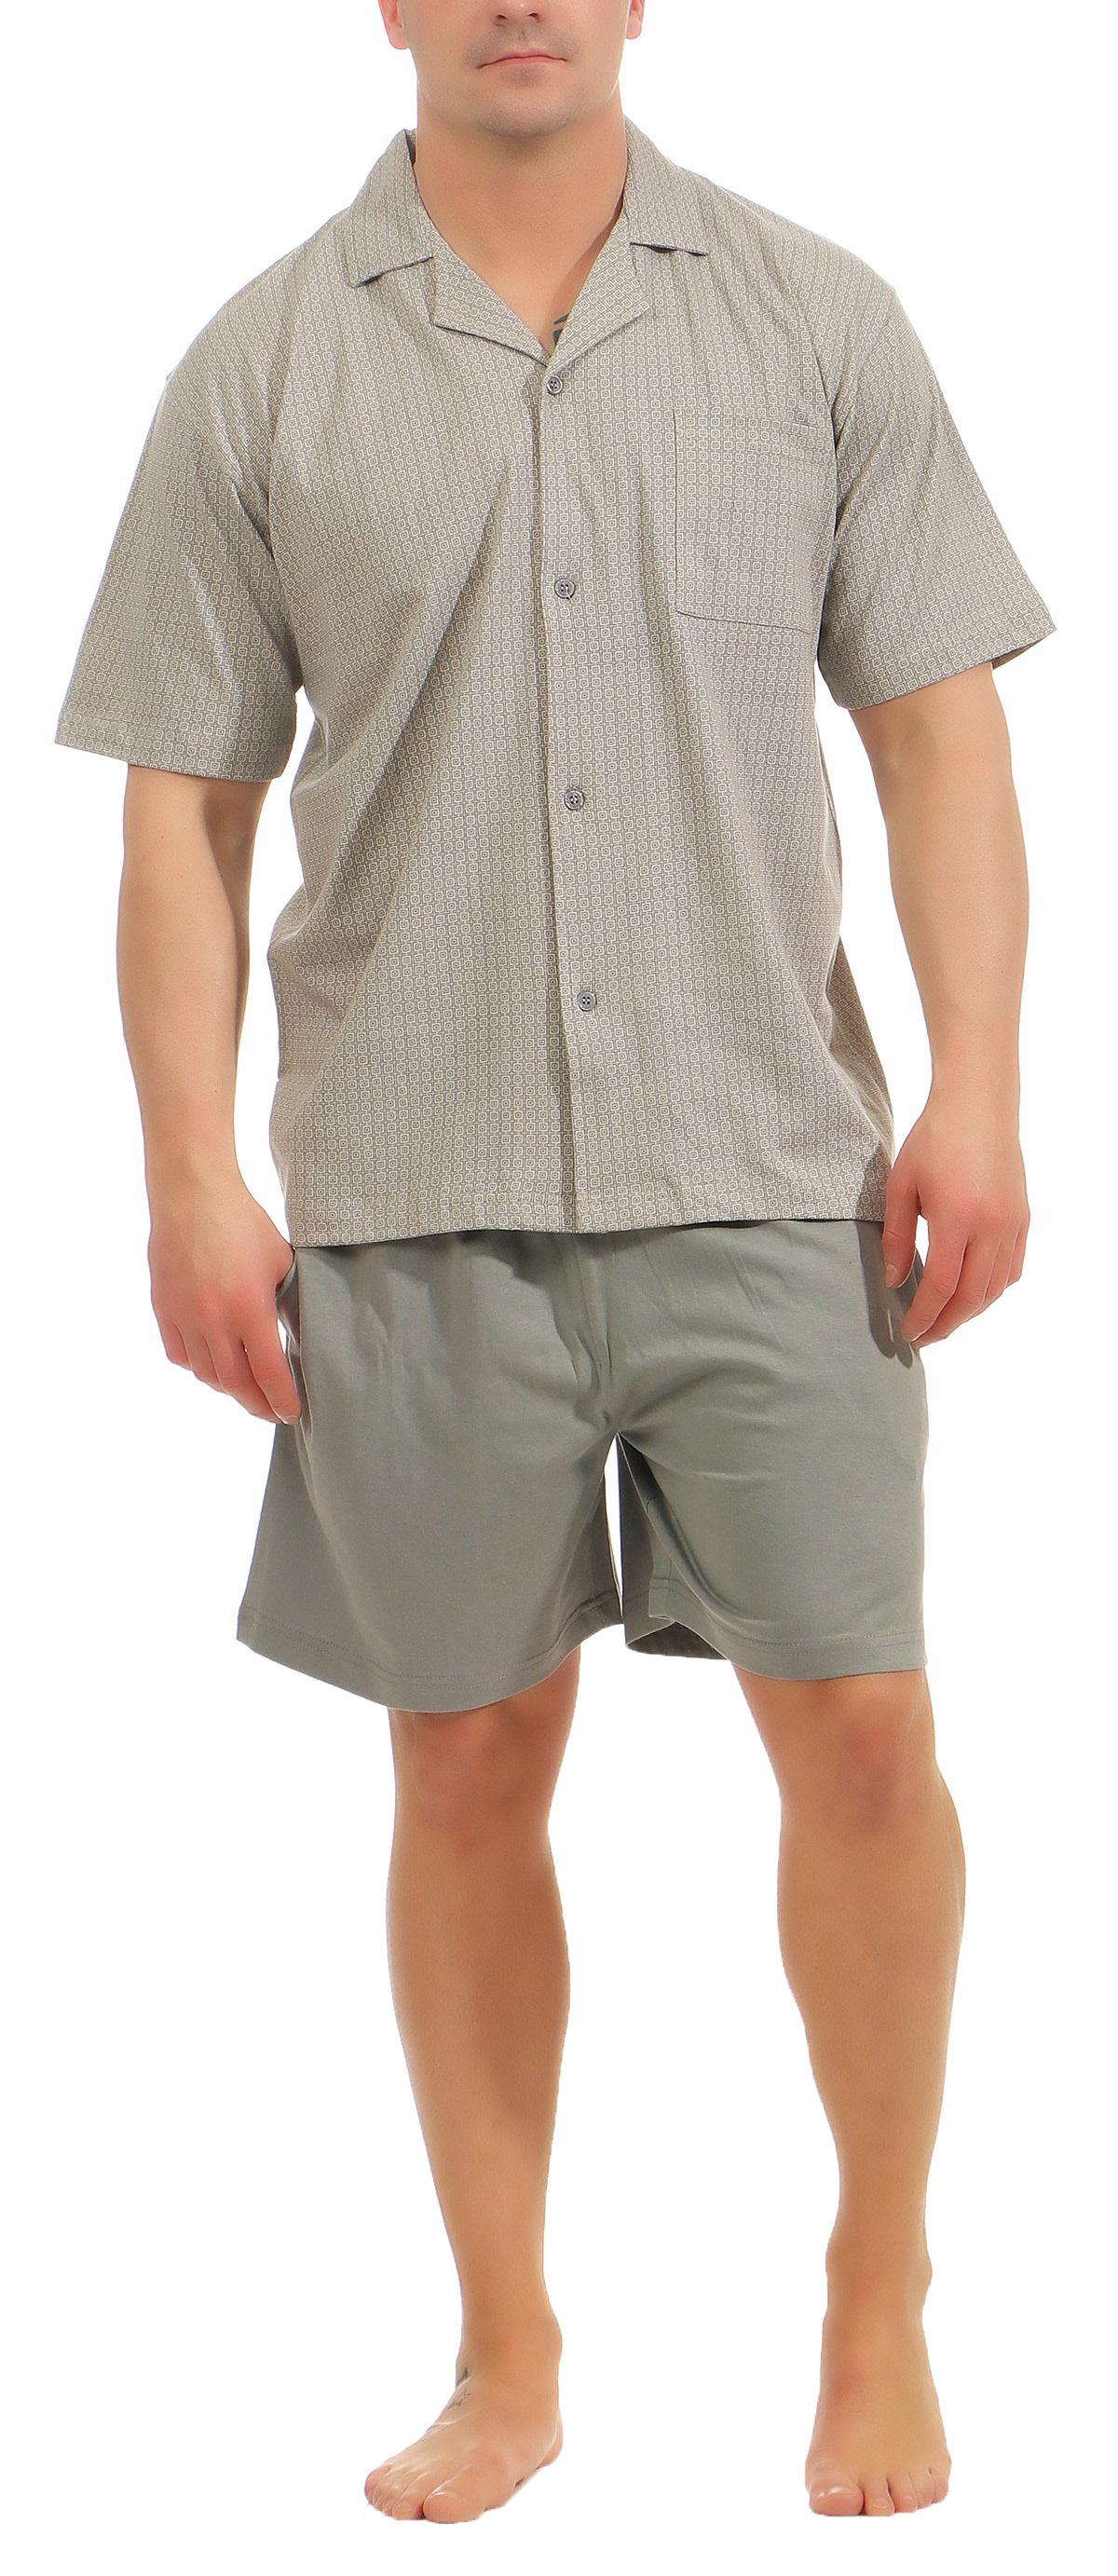 Eleganter Herren Shorty Pyjama kurzarm Schlafanzug zum durchknöpfen – 181 105 90 512 – Bild 2